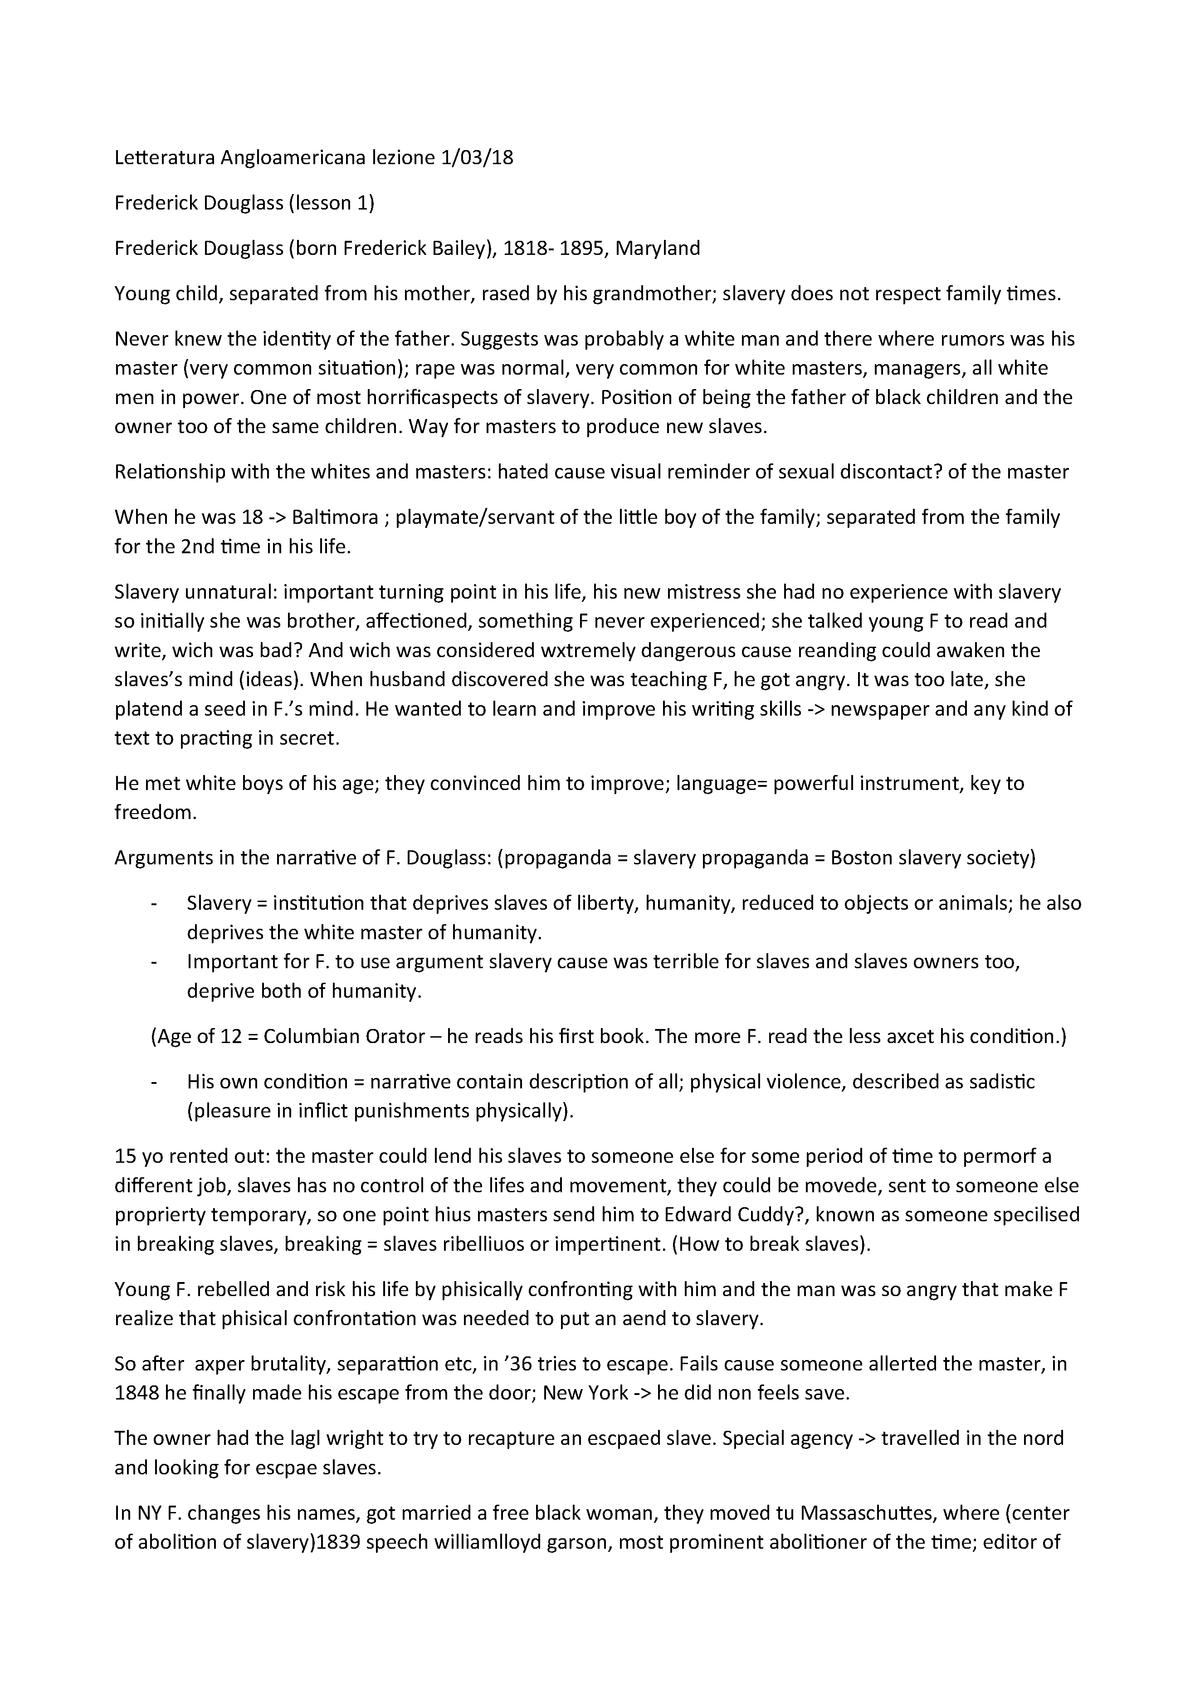 Lezione 1-03-18 Frederick Douglass - 010LE: Letteratura